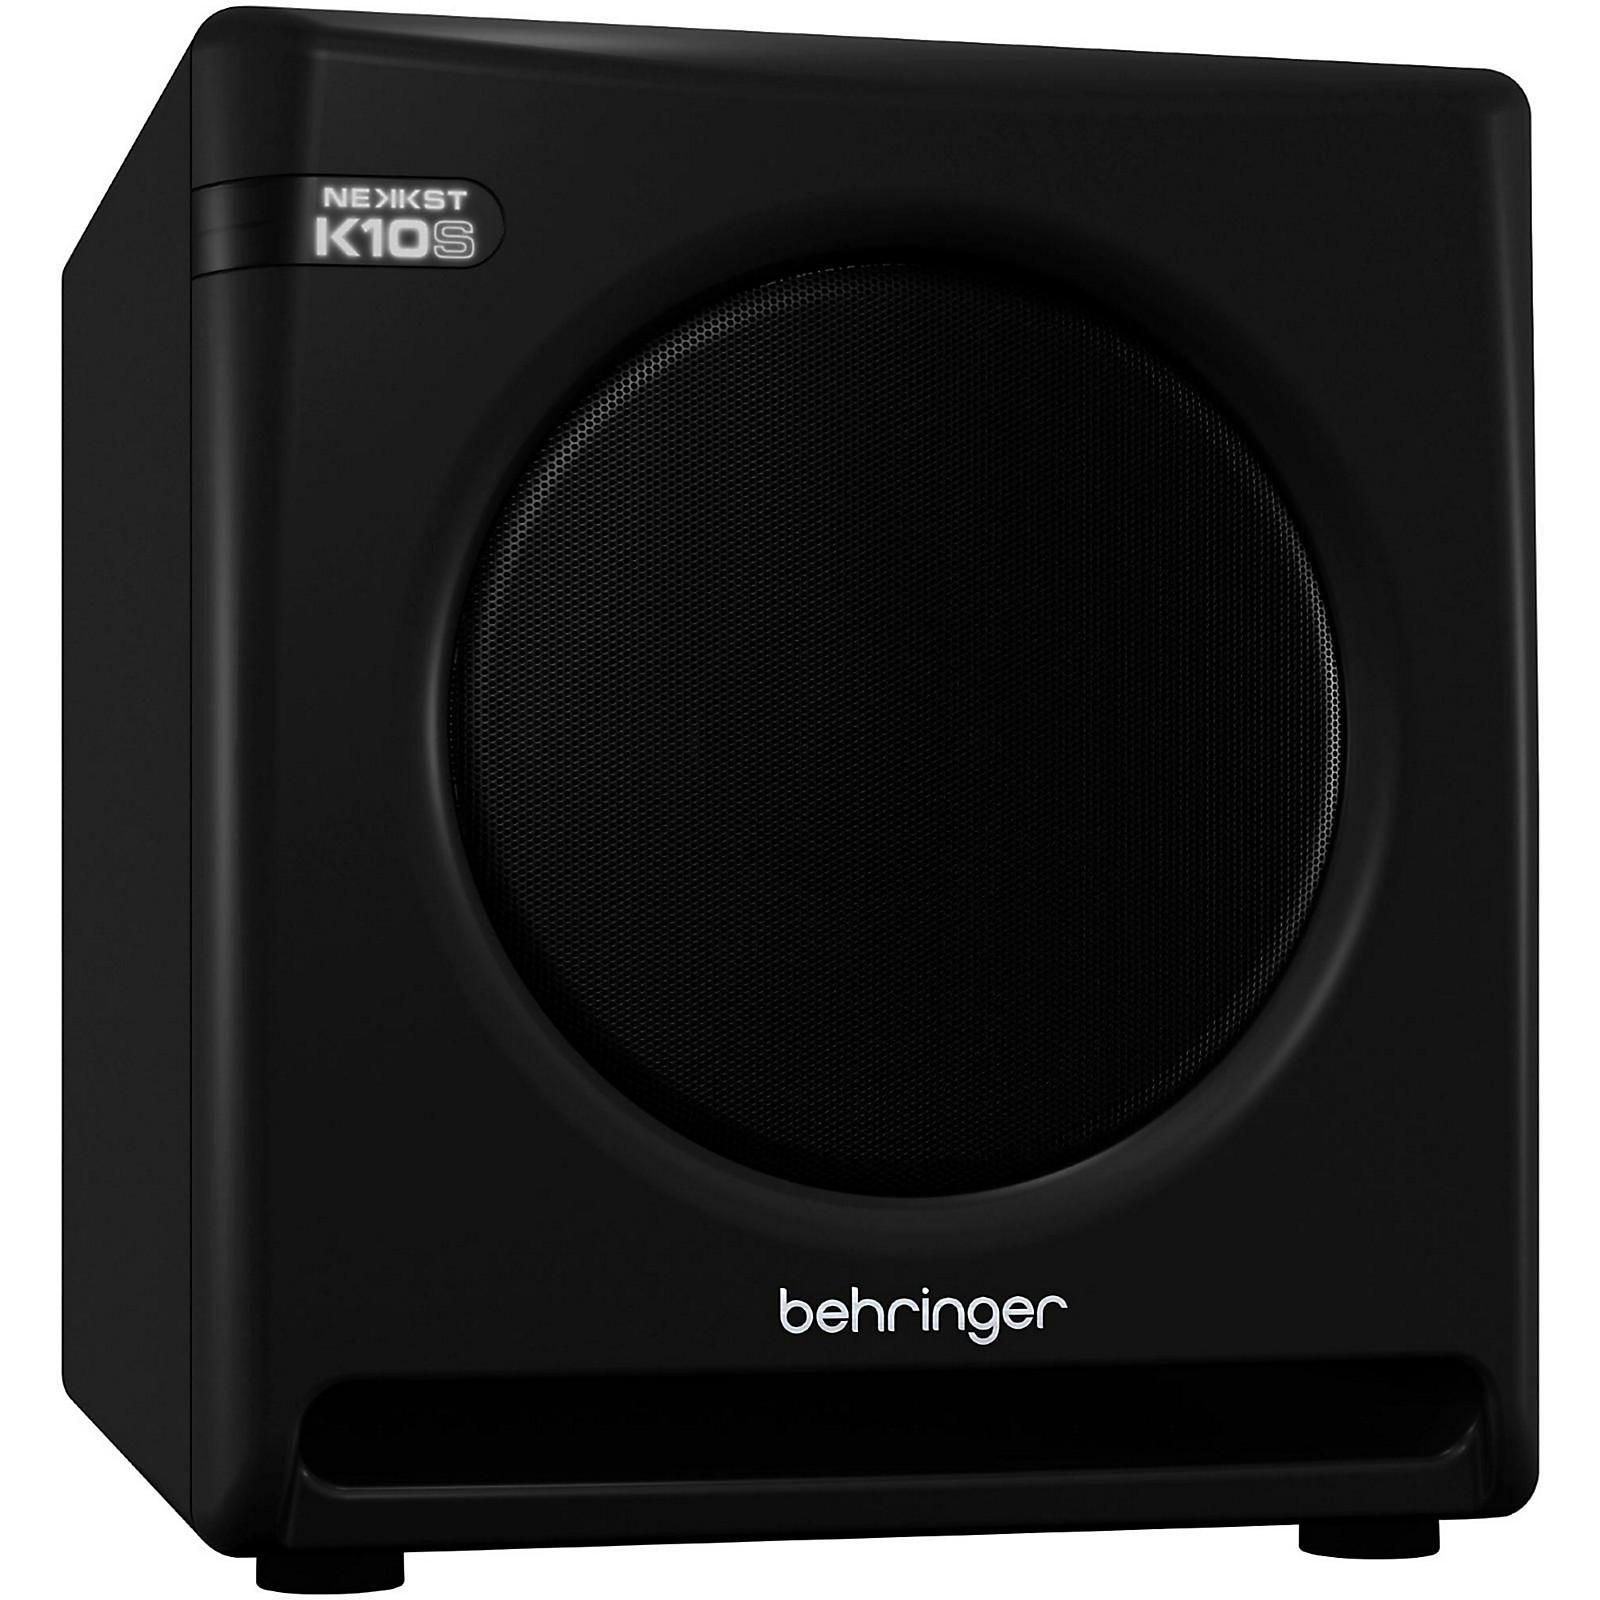 Behringer NEKKST K10S